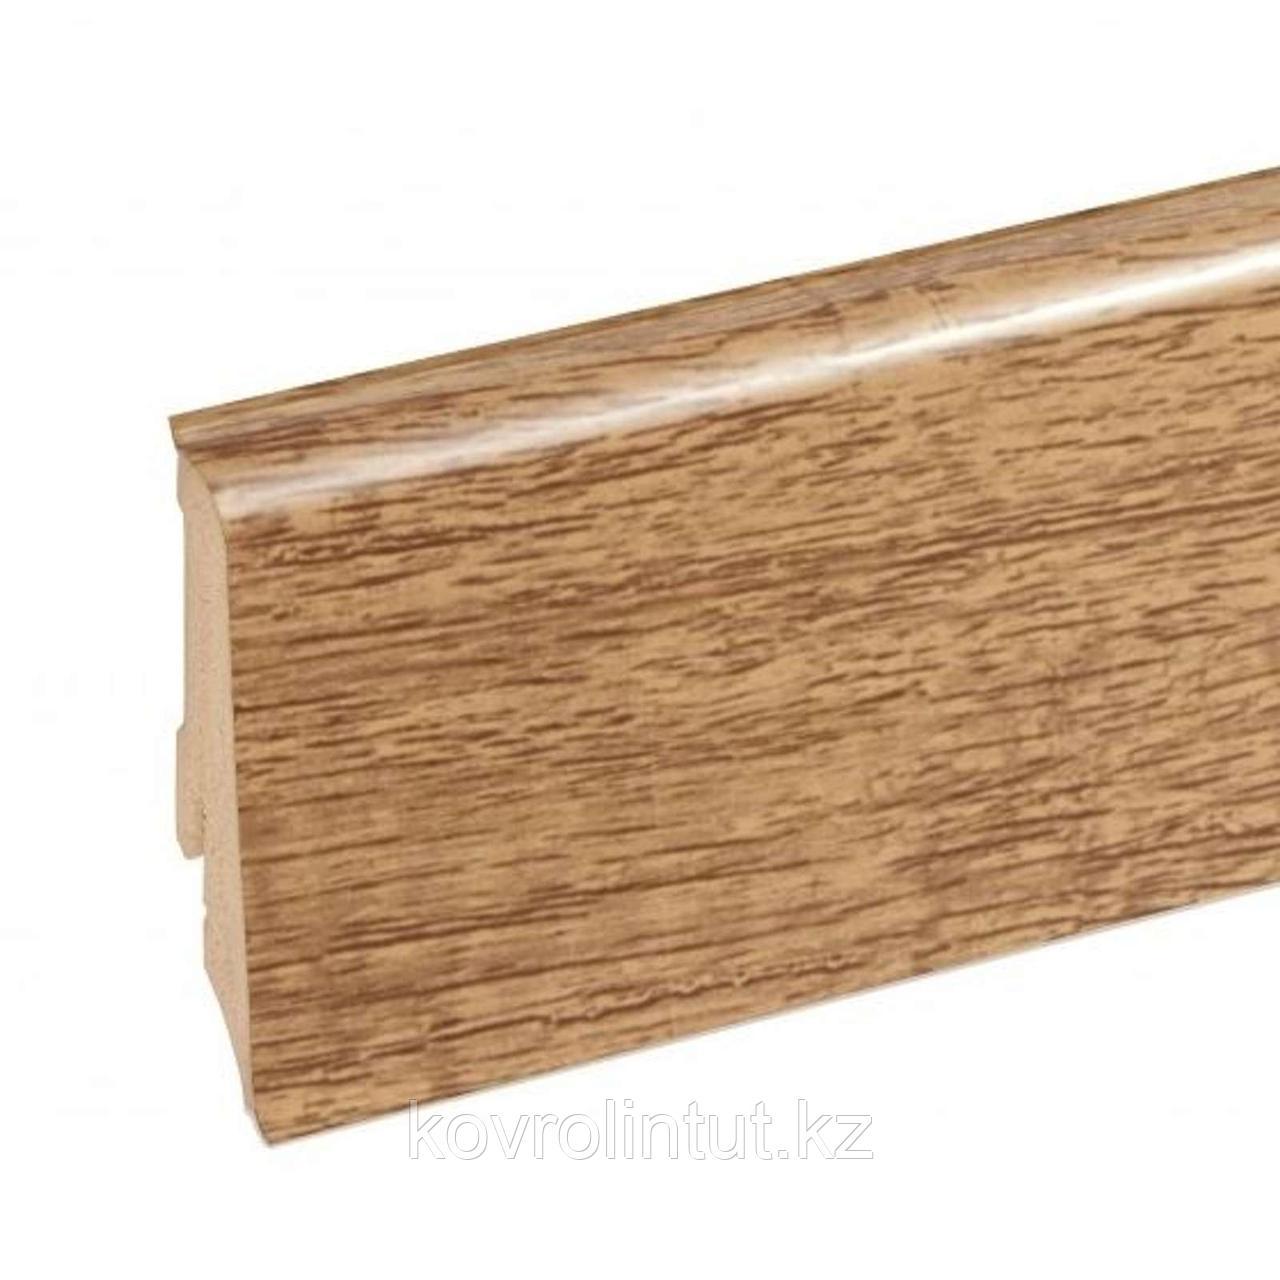 Плинтус композитный для LVT Neuhofer Holz, K0210L, 714490, 2400х59х17 мм